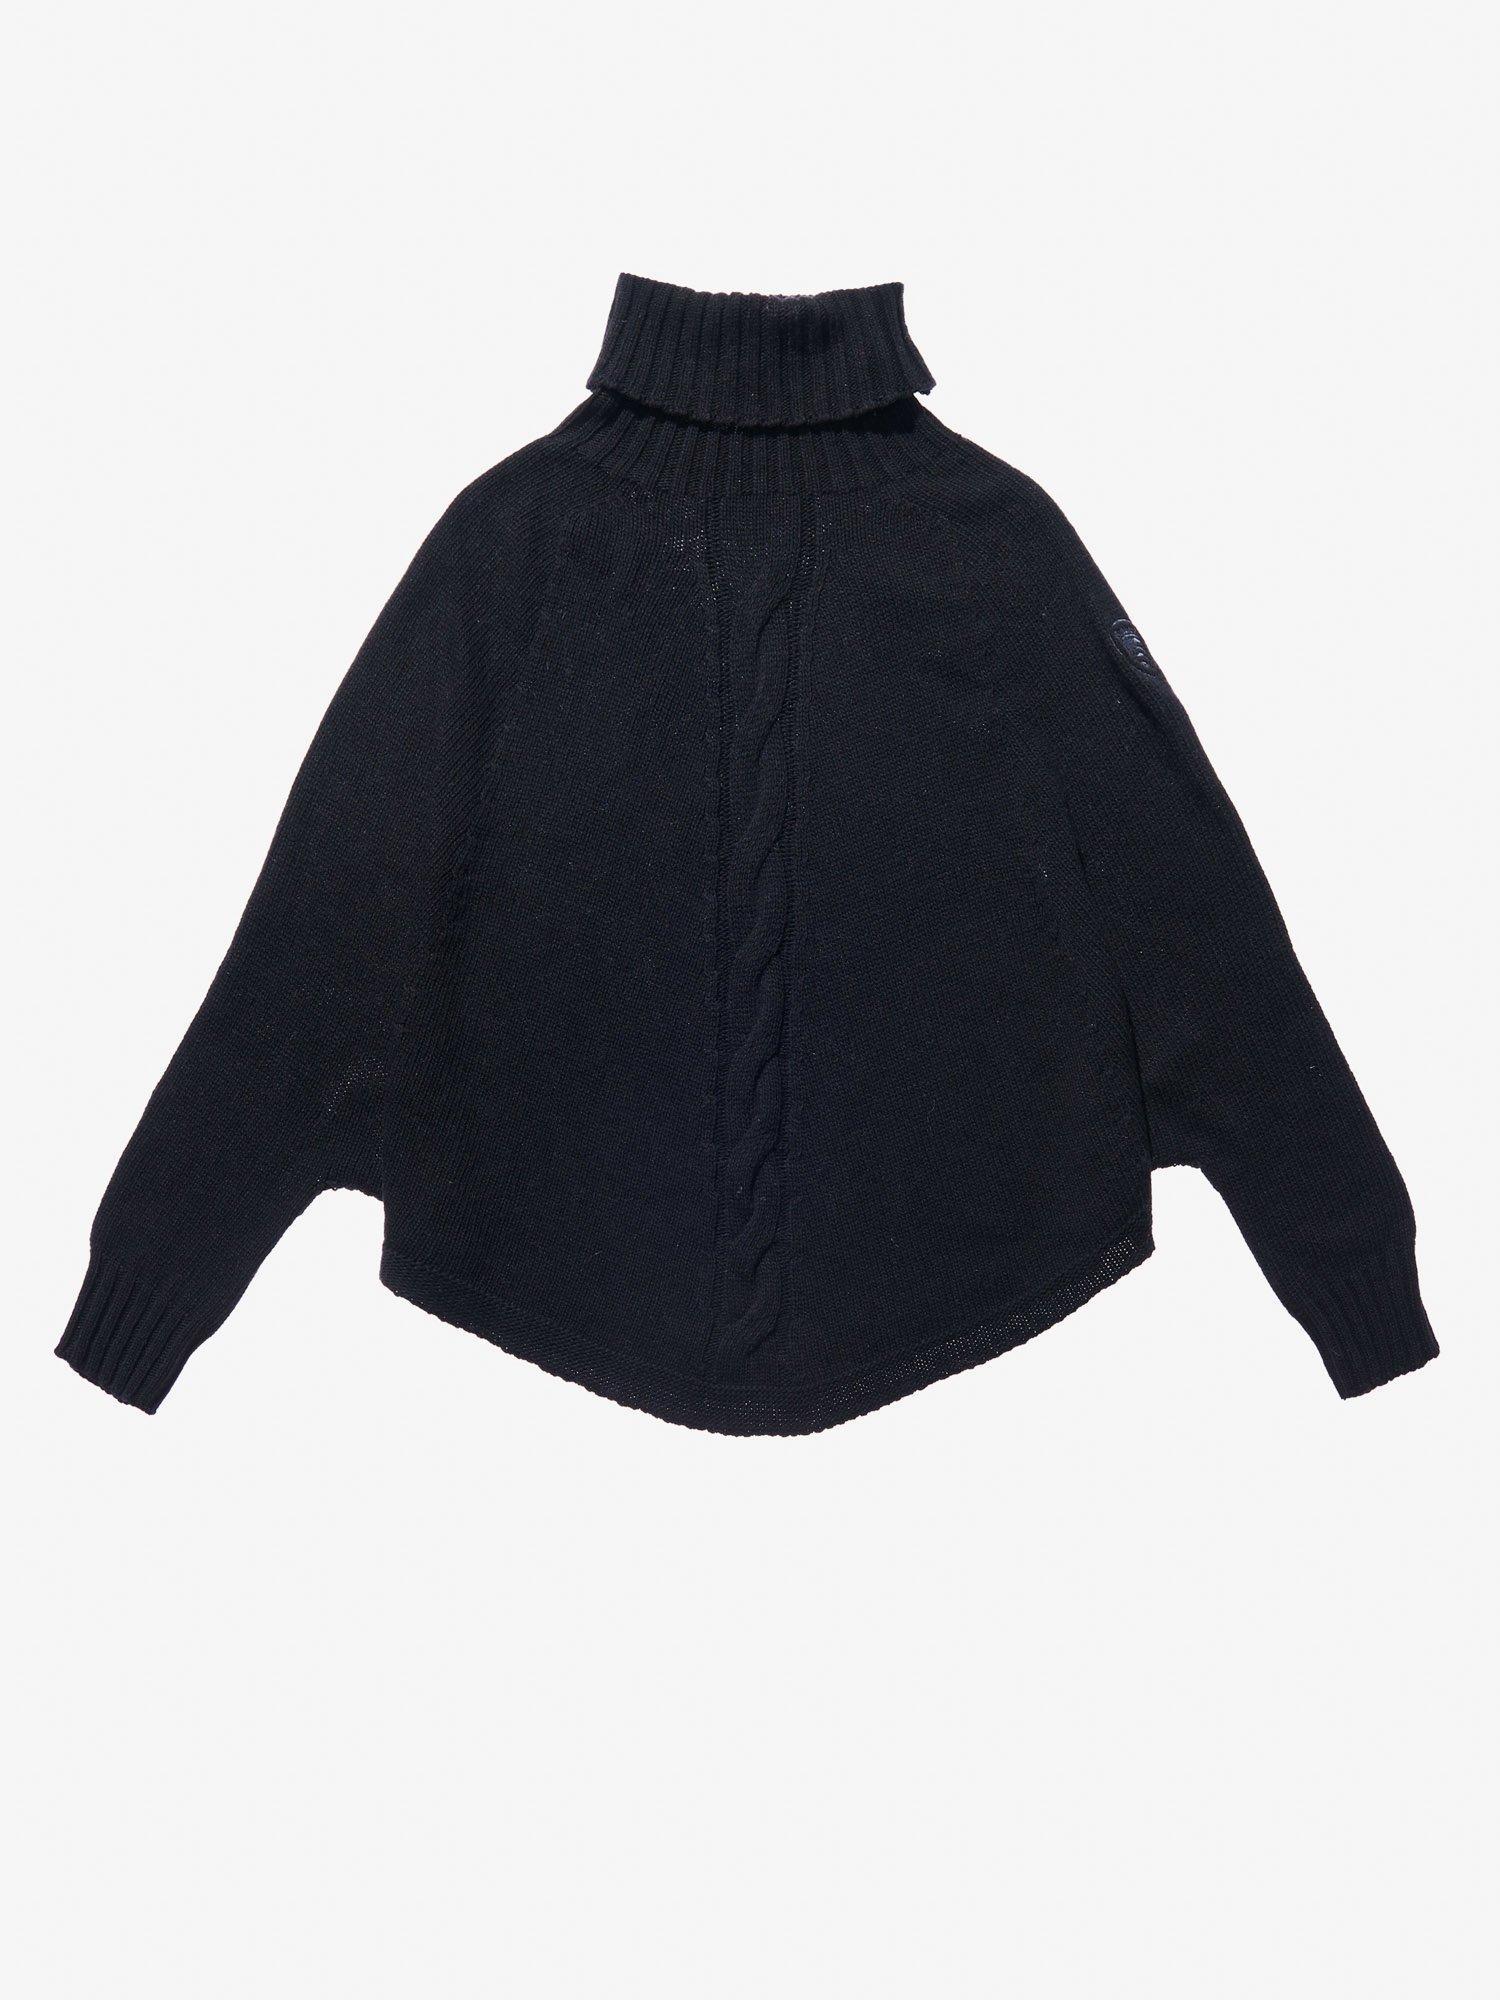 Blauer - CAPE STYLE SWEATER - Black - Blauer